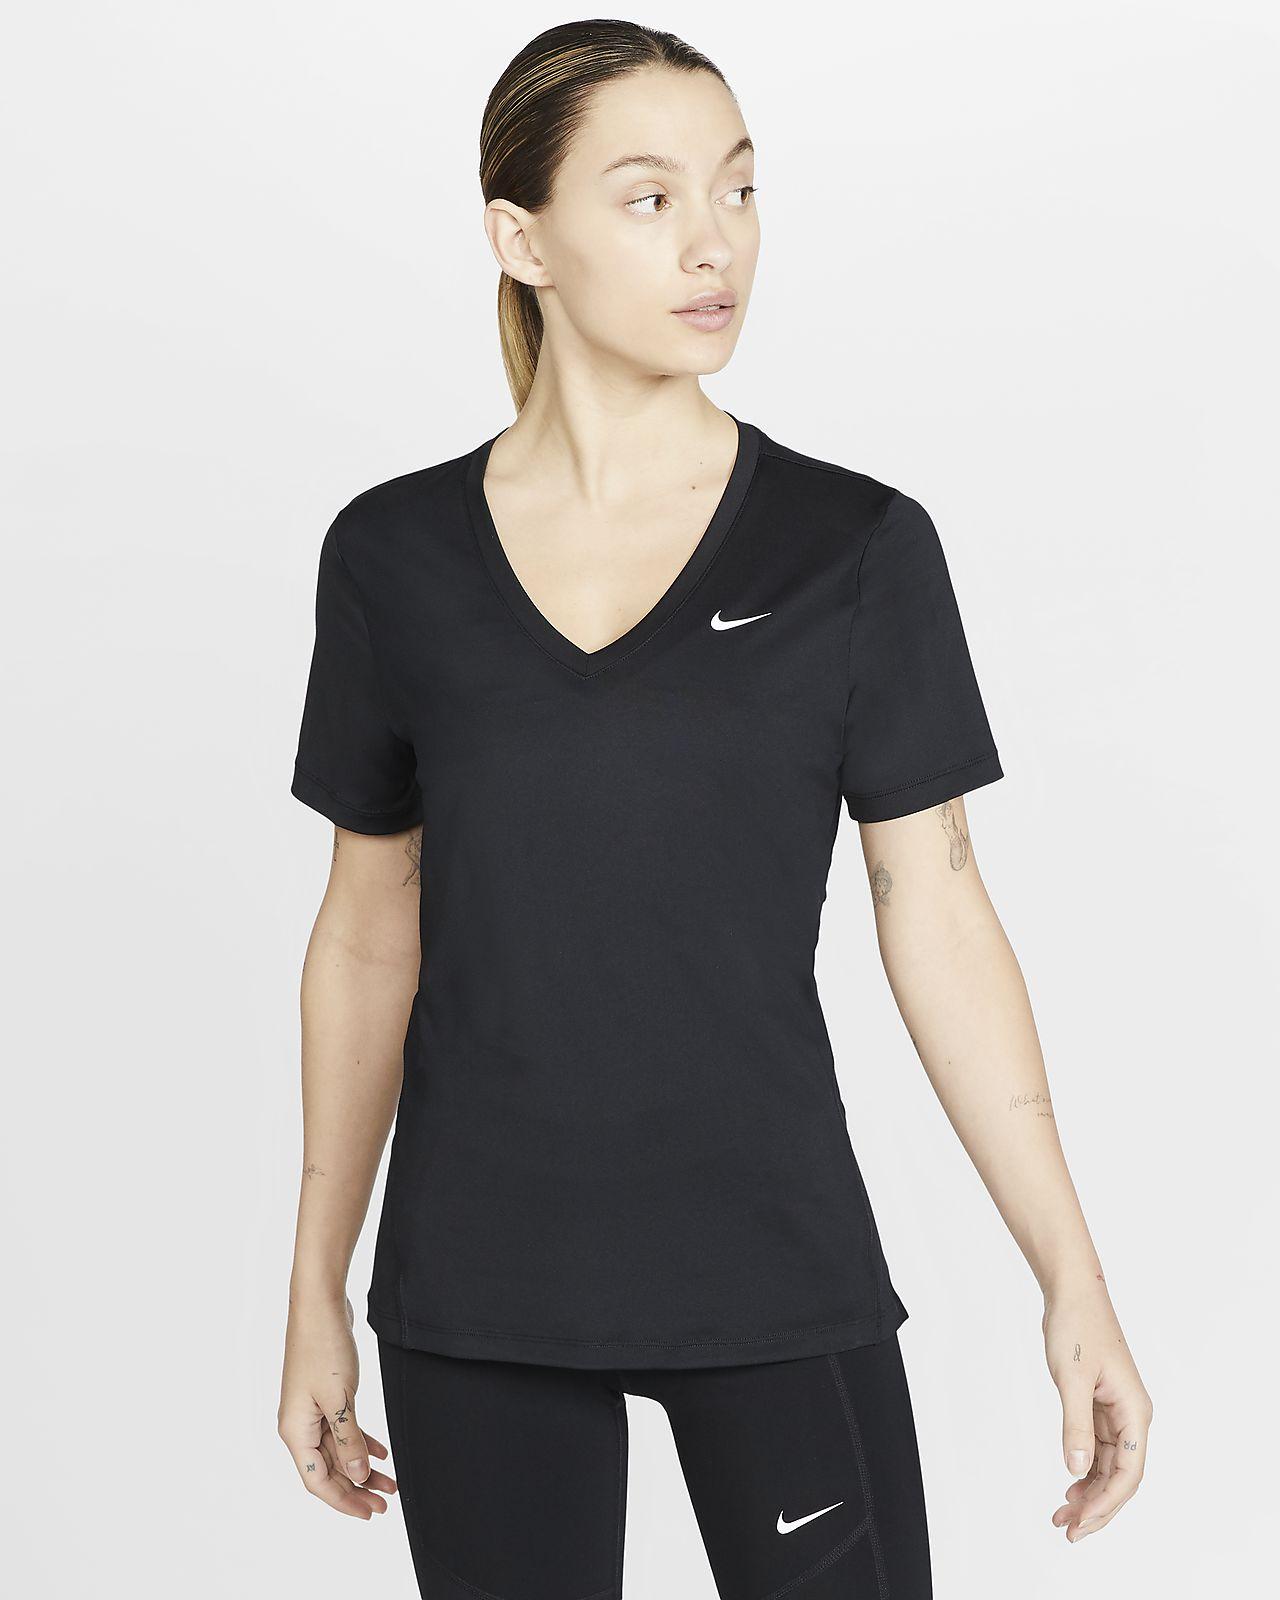 Haut de training à manches courtes Nike Victory pour Femme